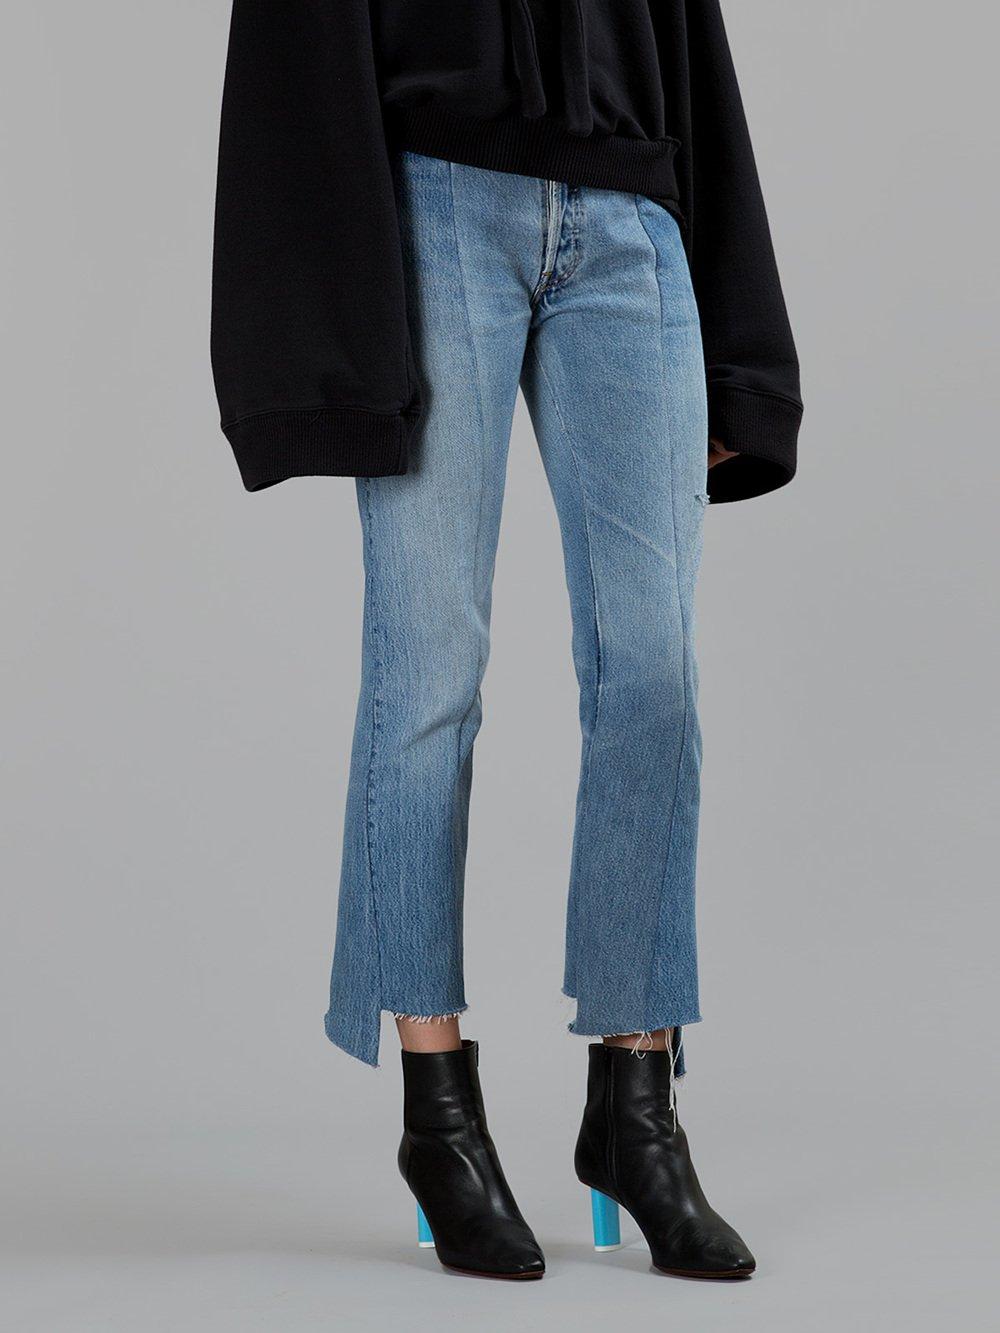 Moda Jeans 2018 di Vetements